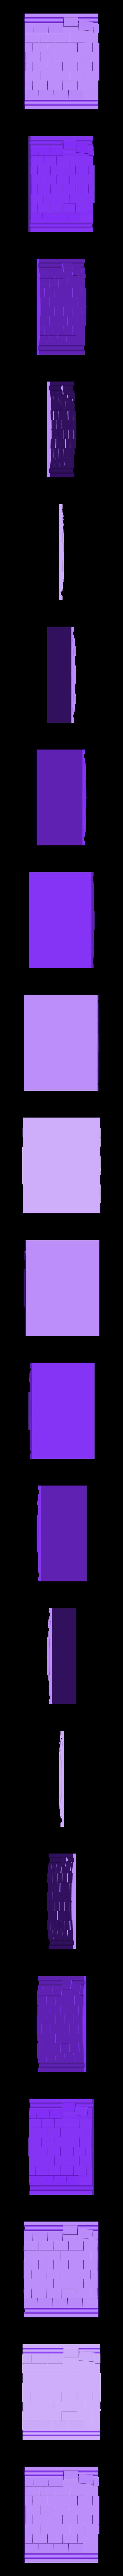 a_o_hstr_1.stl Télécharger fichier STL gratuit ROUTE - Ancien et neuf - Partie A • Design pour impression 3D, Earsling